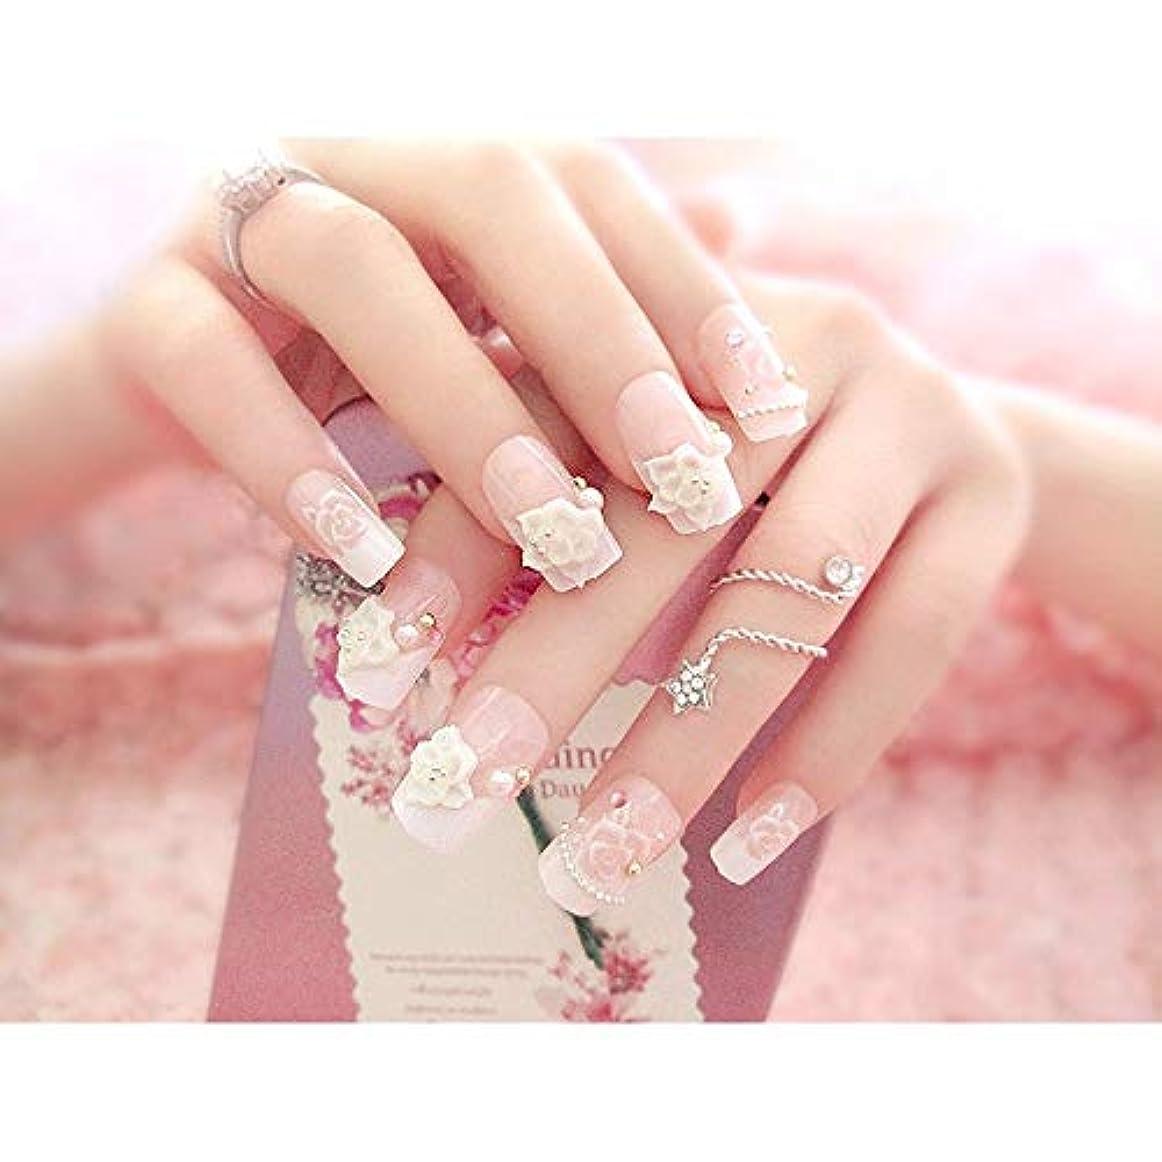 乱暴な拾う繁栄するTAALESET ホワイト+ピンクは、偽の釘24ピース箱入りフェイクネイルパール花の花嫁ネイルステッカーを完成しました (色 : 24 pieces)